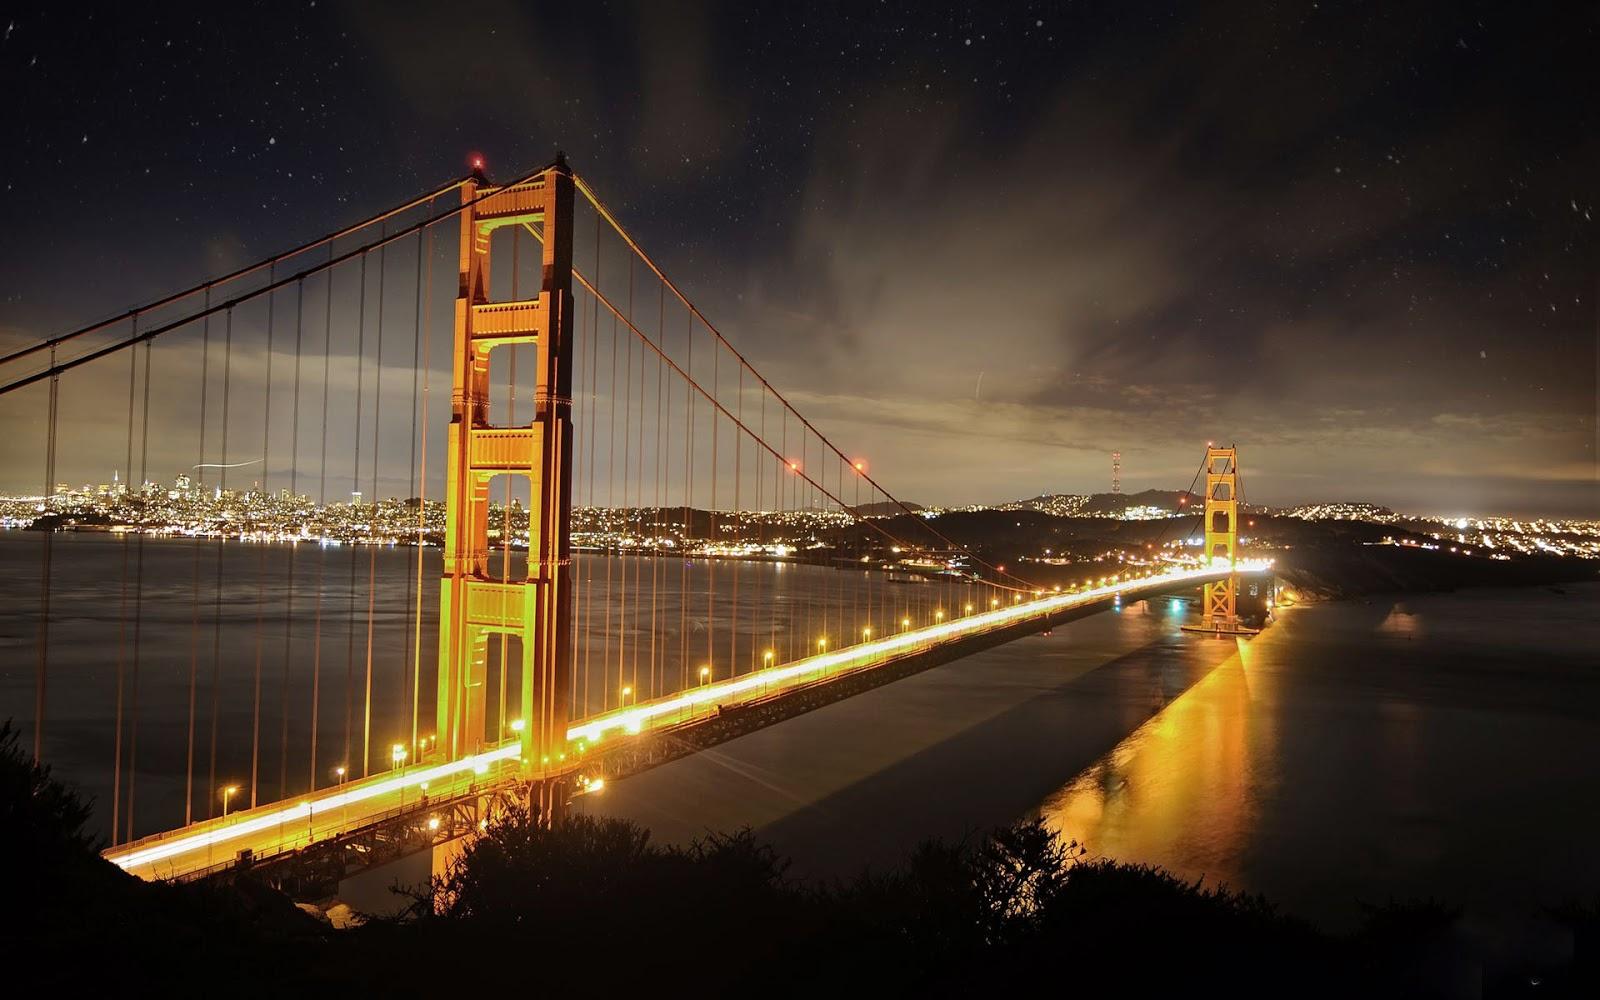 Wallpaper van de Golden Gate Bridge bij nacht 1600x1000